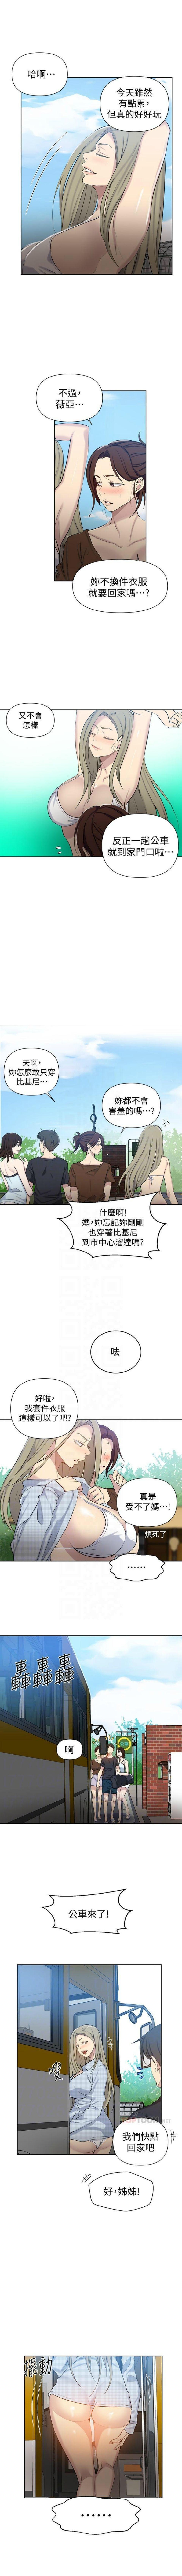 秘密教學  1-69 官方中文(連載中) 399